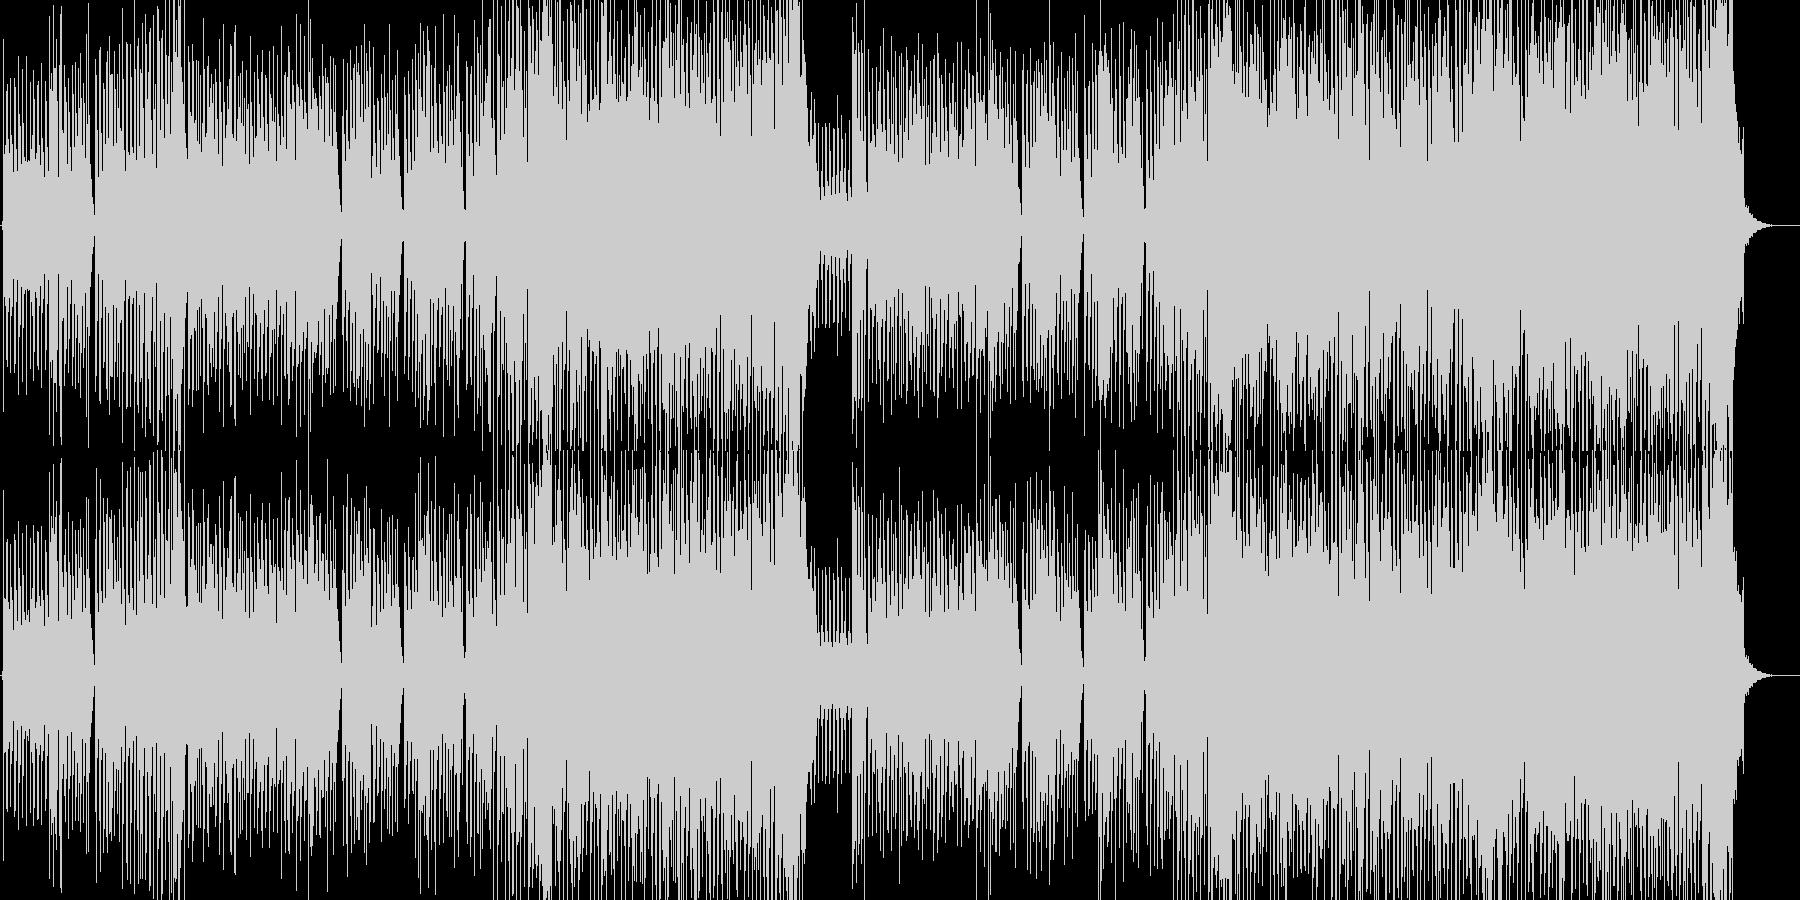 ウェイ系EDMバカ騒ぎパーティー洋楽の未再生の波形